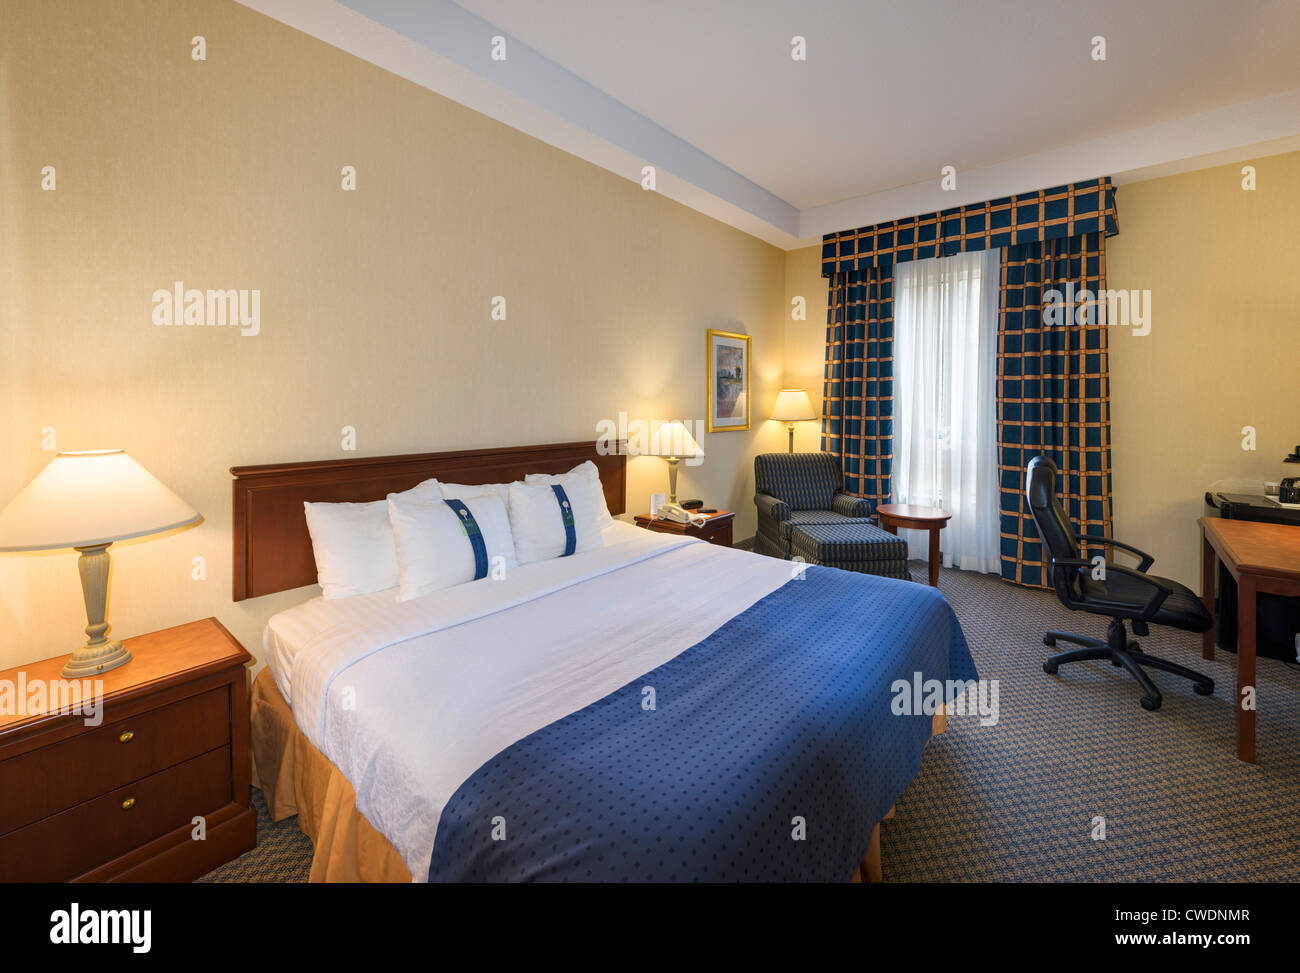 Habitación estándar en el Hotel Holiday Inn Toronto Bloor-Yorkville, Bloor Street, Toronto, Ontario, Canadá Imagen De Stock